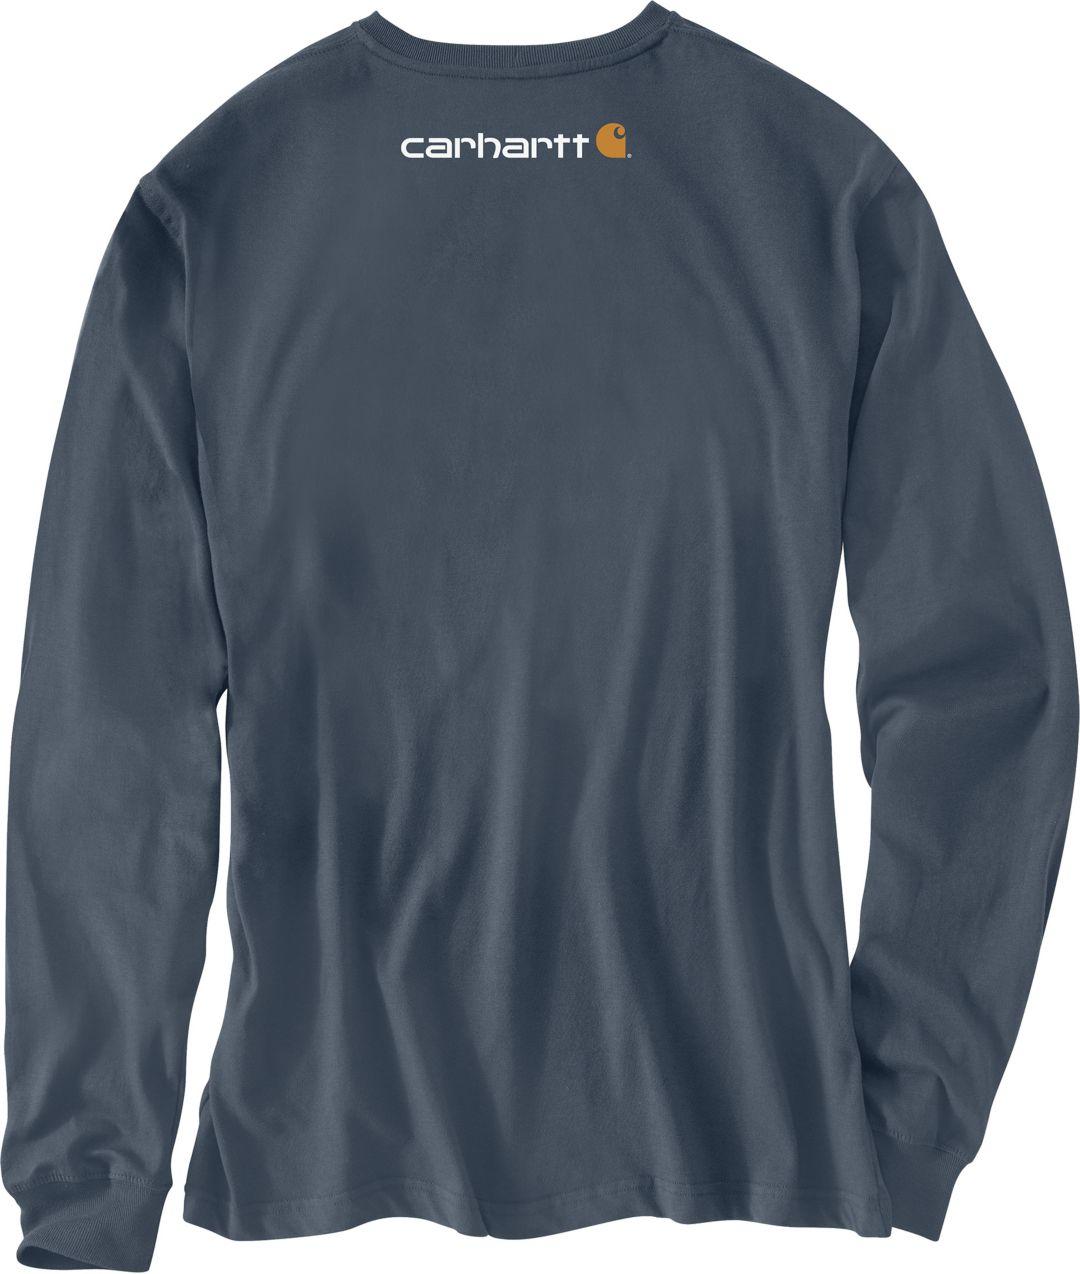 a09d9af177b4 Carhartt Men's Signature Logo Long Sleeve Shirt | DICK'S Sporting Goods